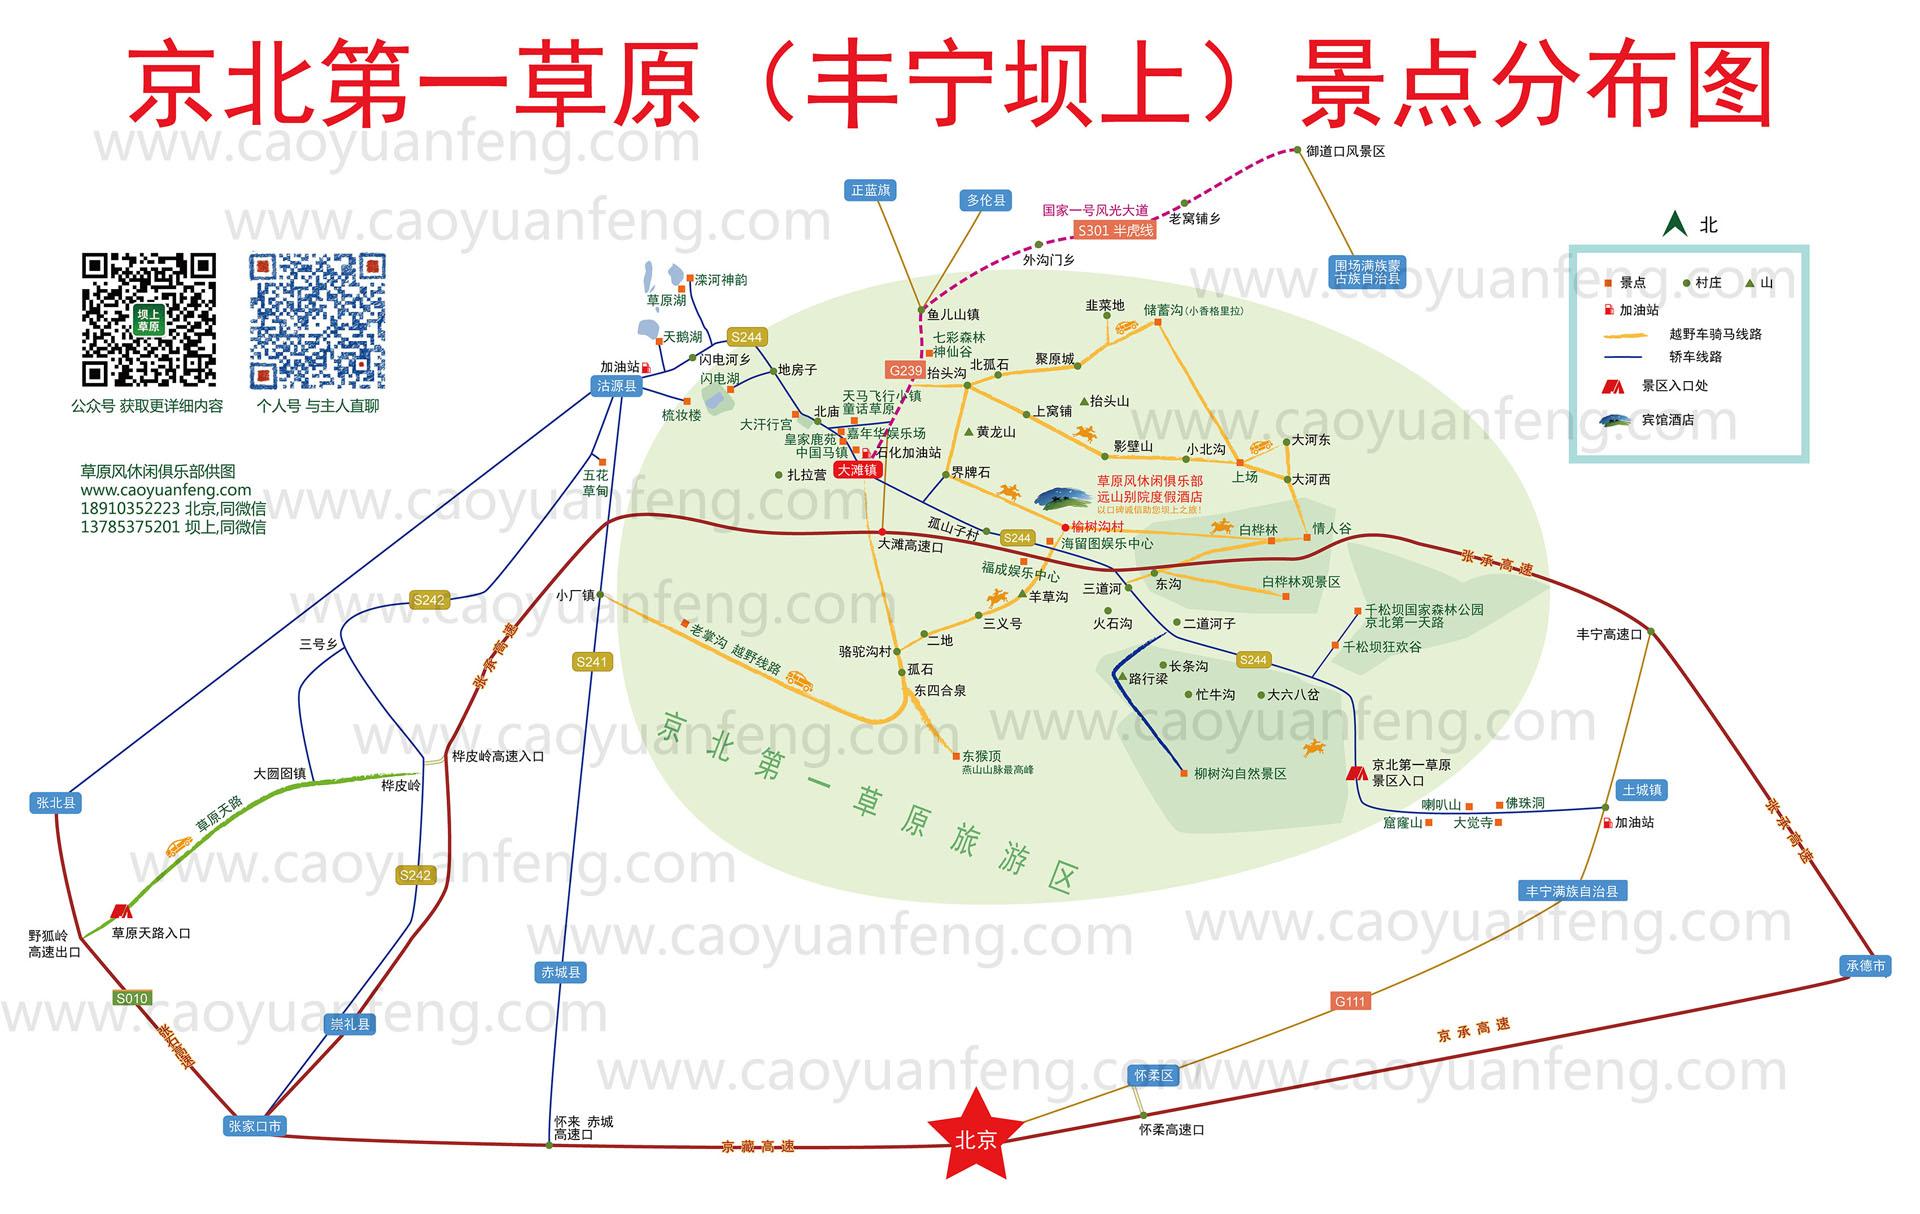 丰宁坝上草原旅游景区示意图/景点分布图